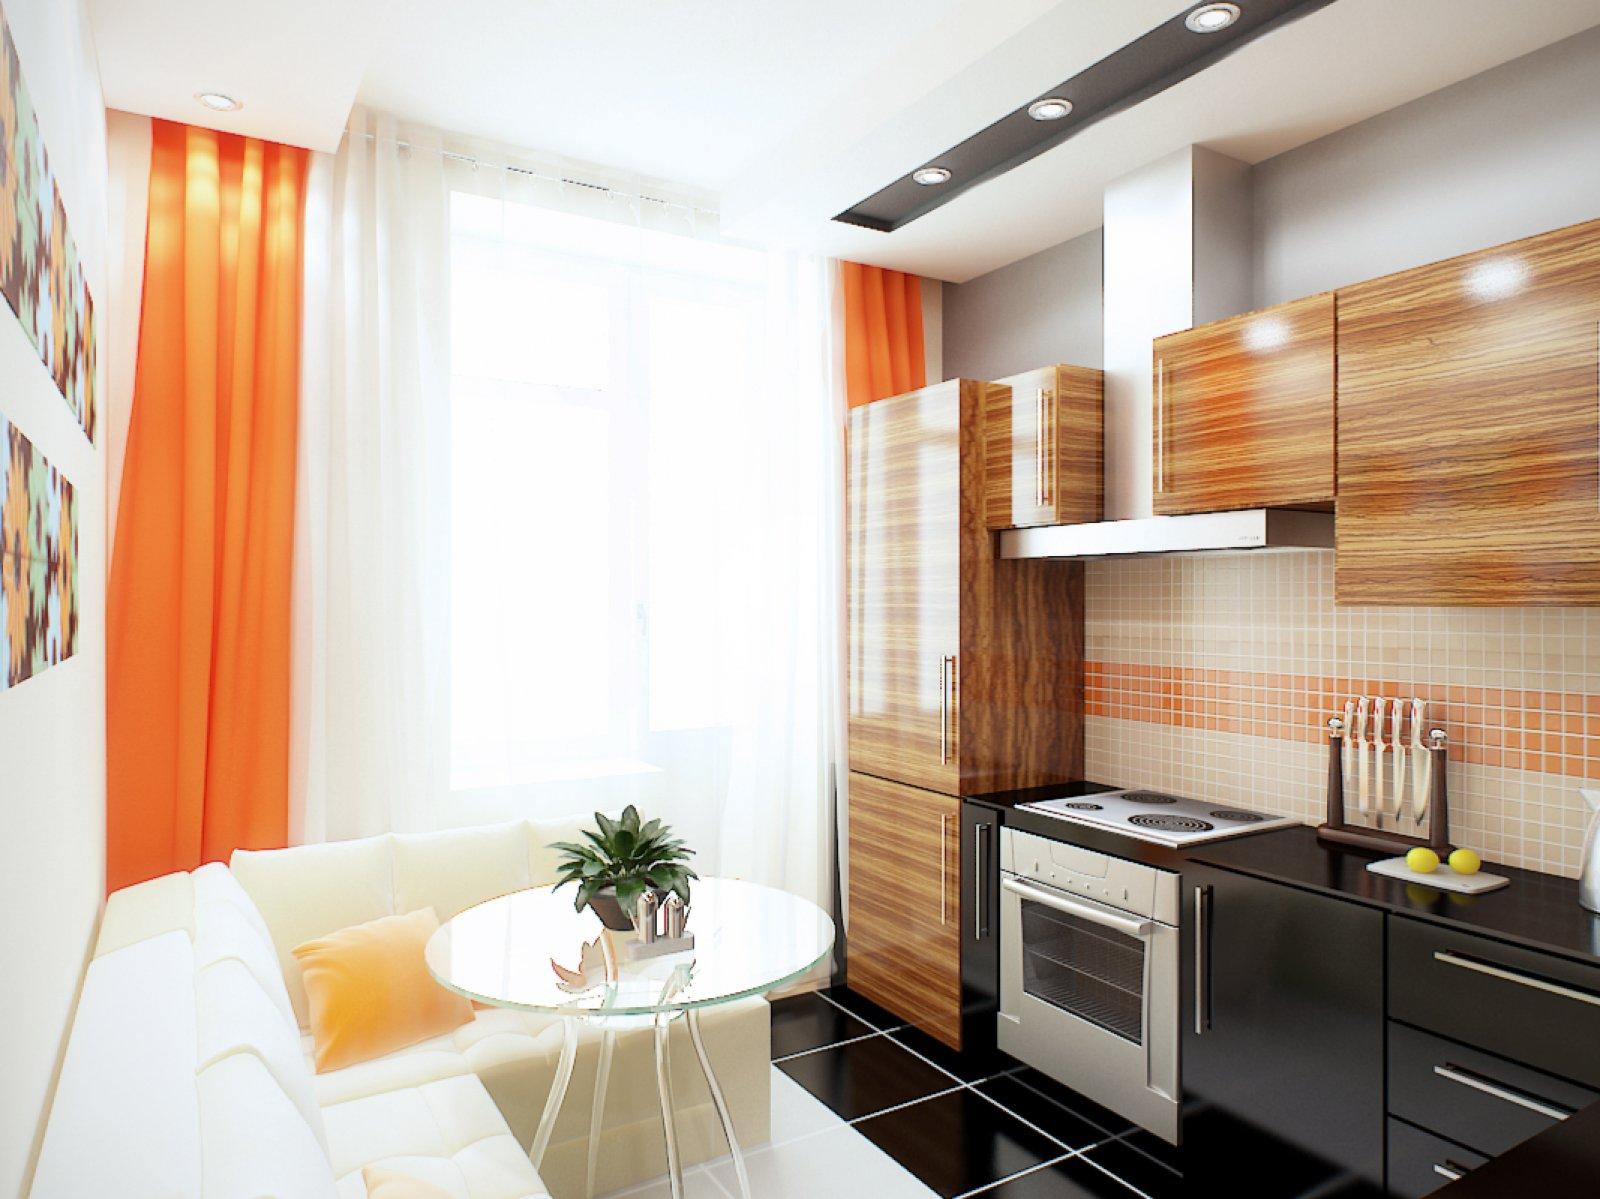 """Дизайн квартиры студии 65 кв.м фото интерьера """" улетный диза."""